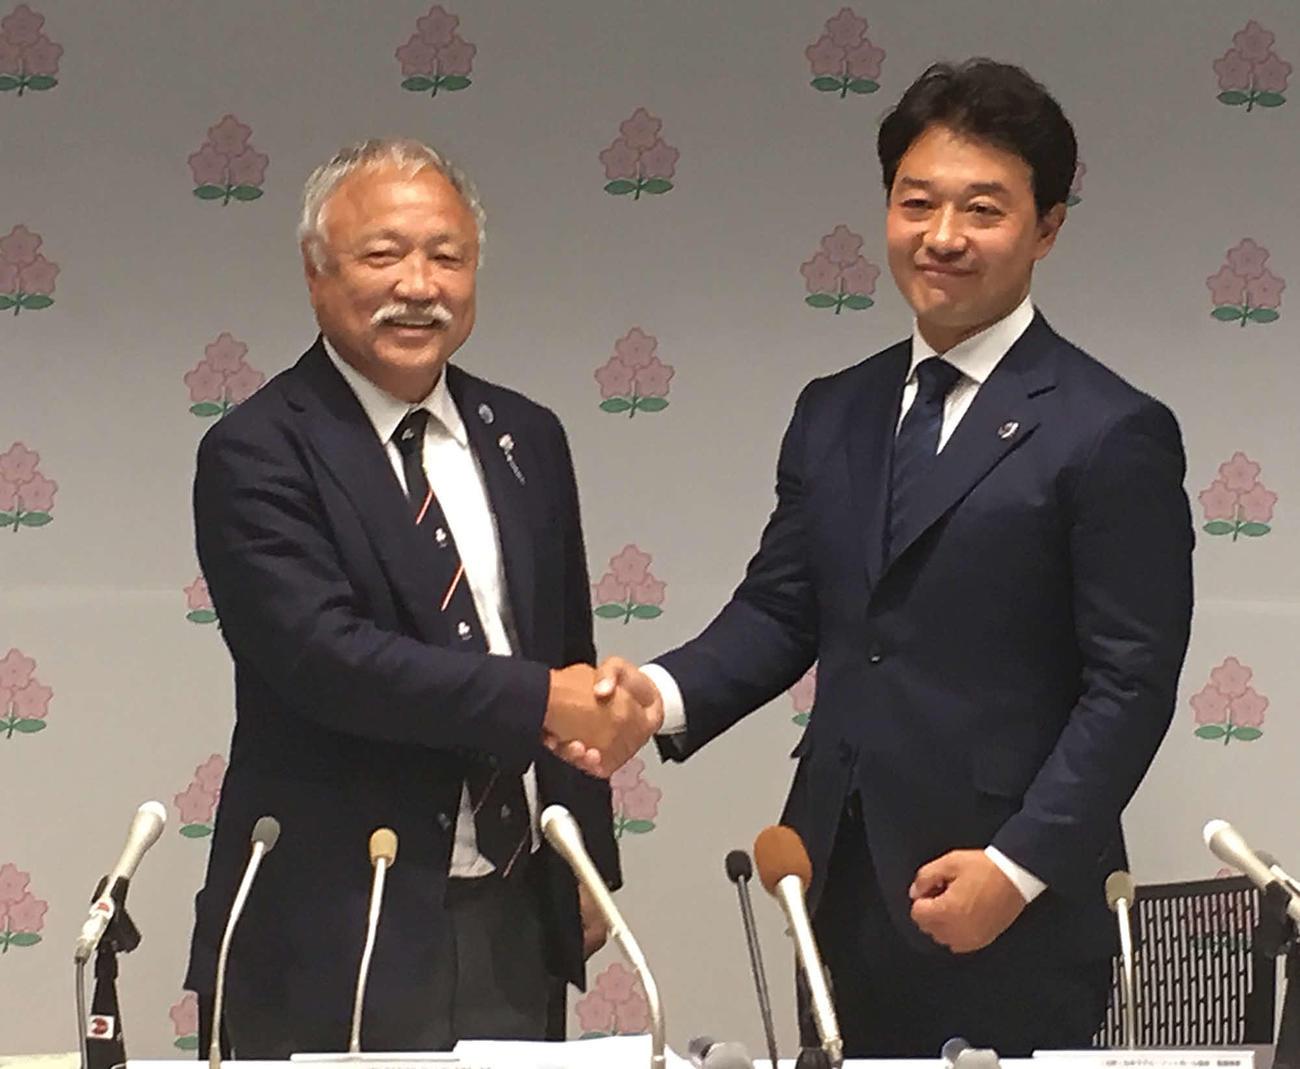 日本ラグビー協会の森重隆会長(左)と岩渕健輔専務理事(2019年6月撮影)